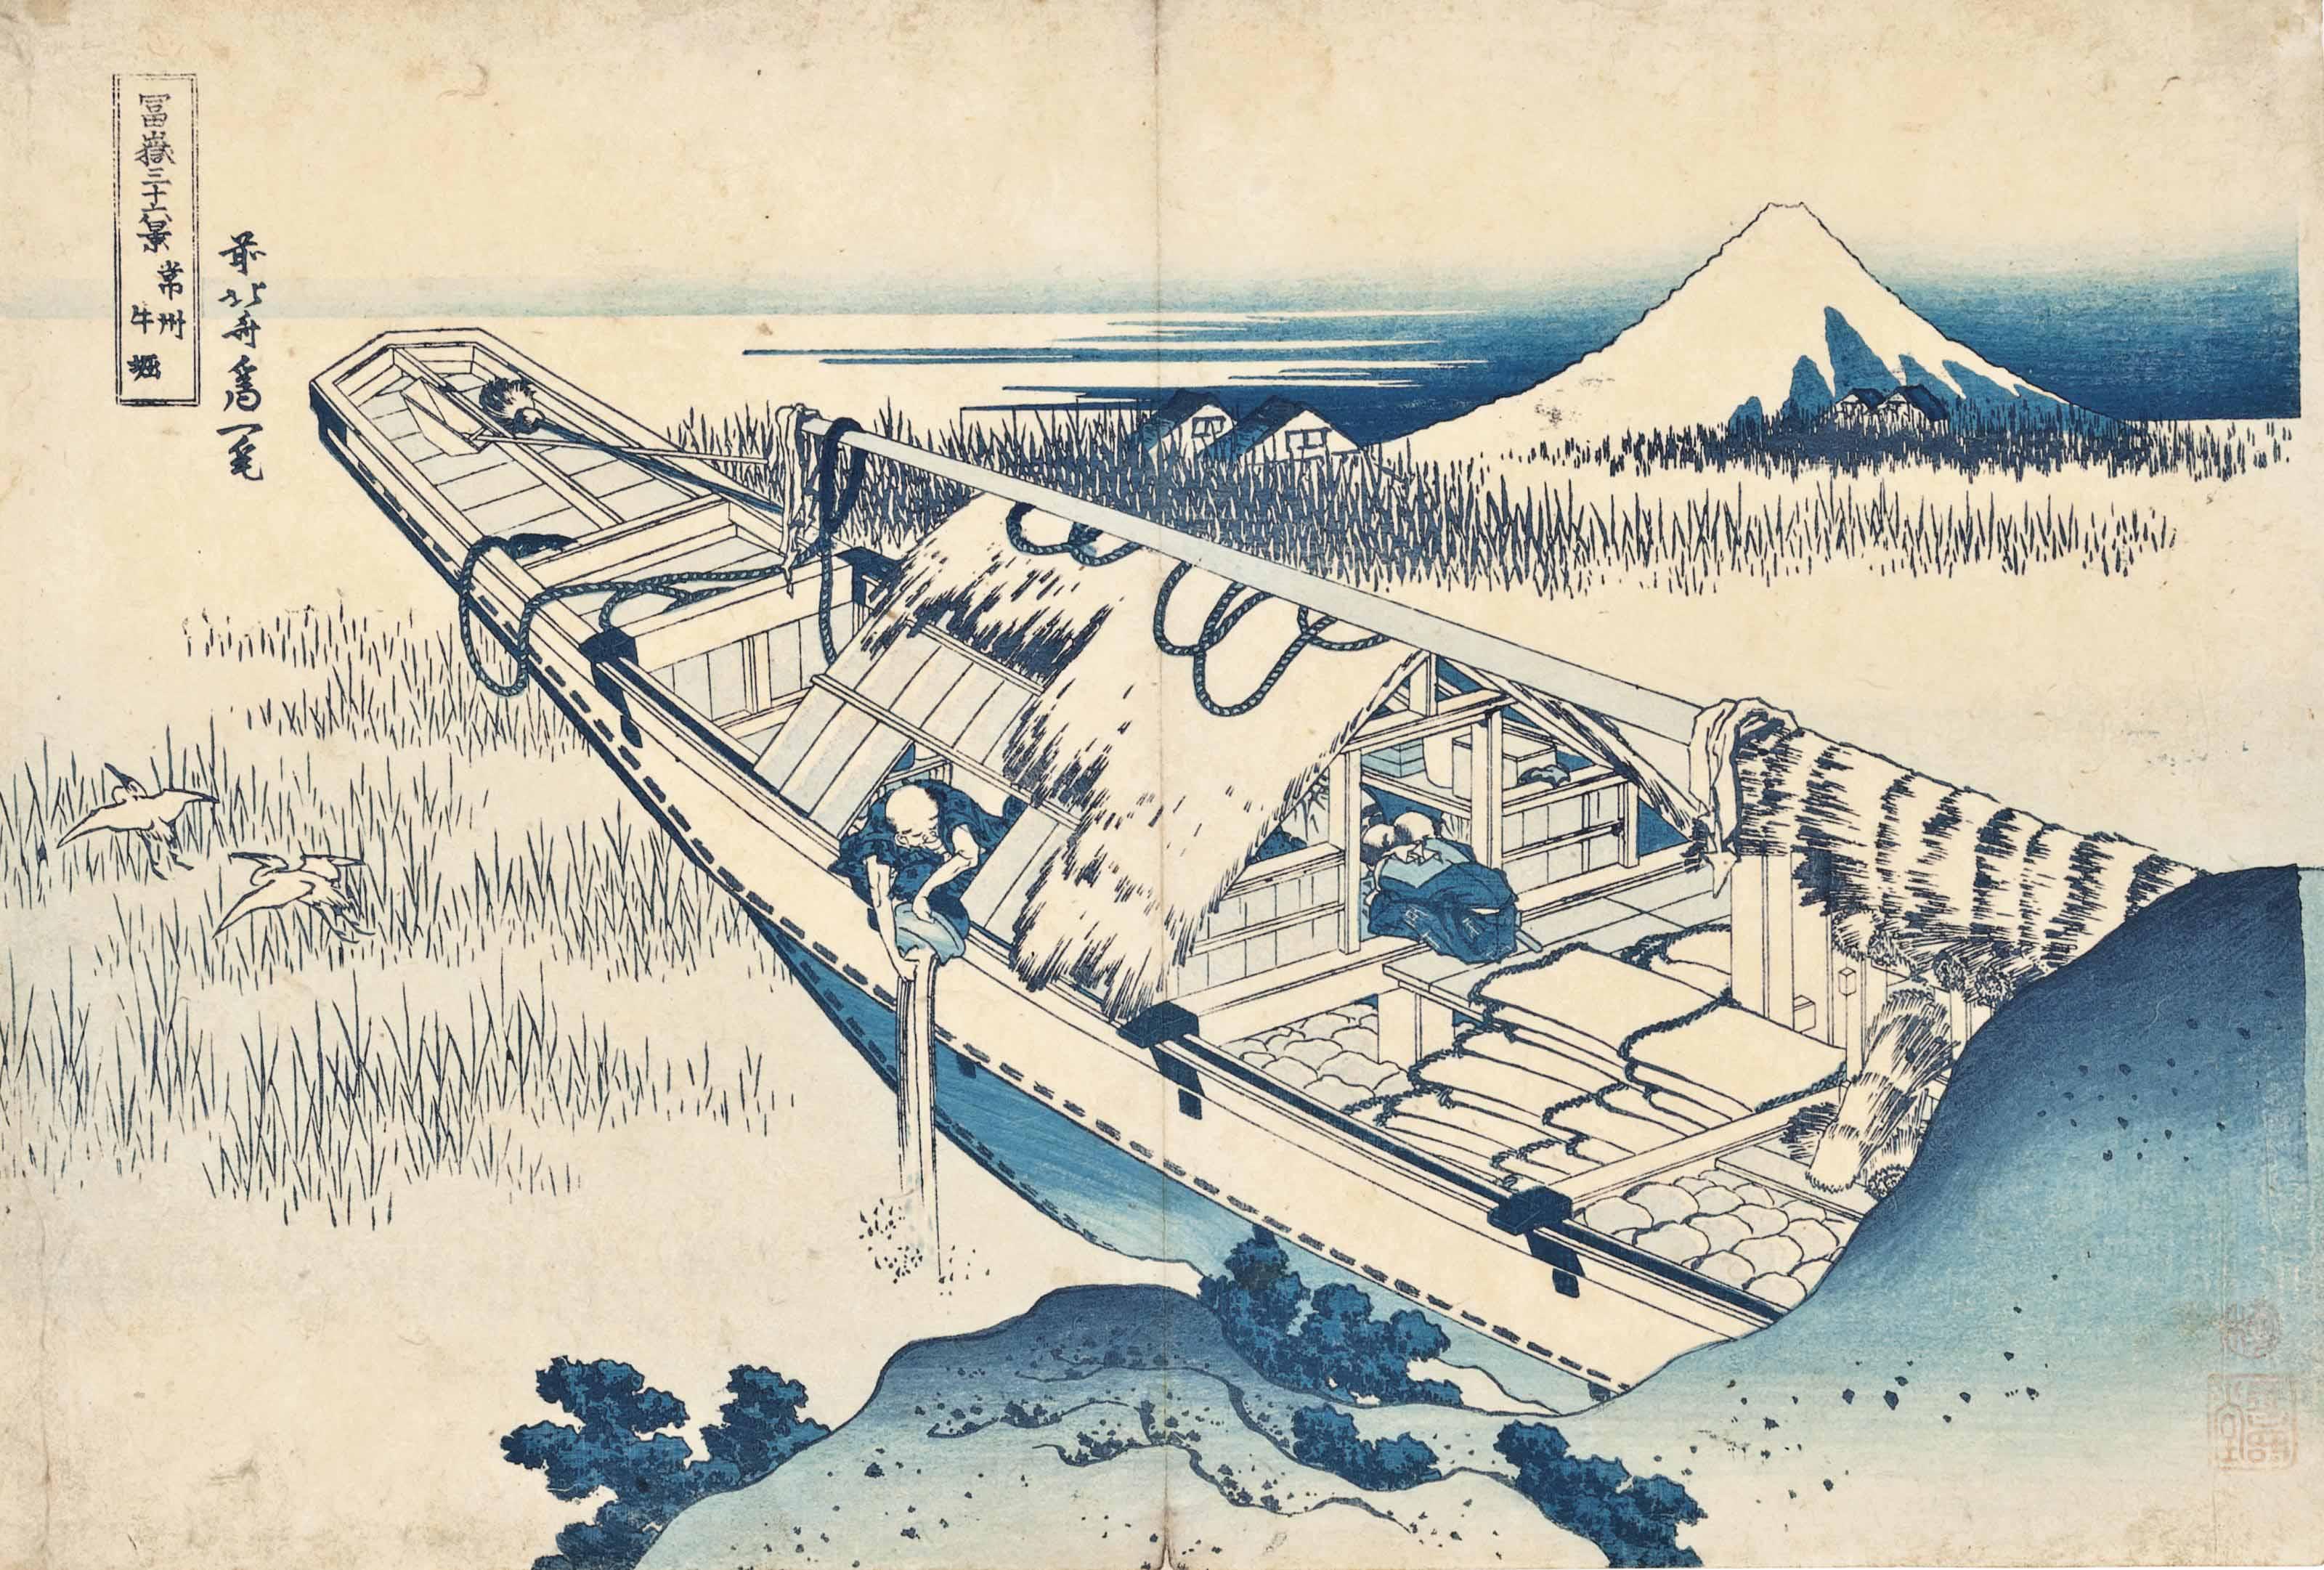 KATSUSHIKA HOKUSAI (1760 -1849)